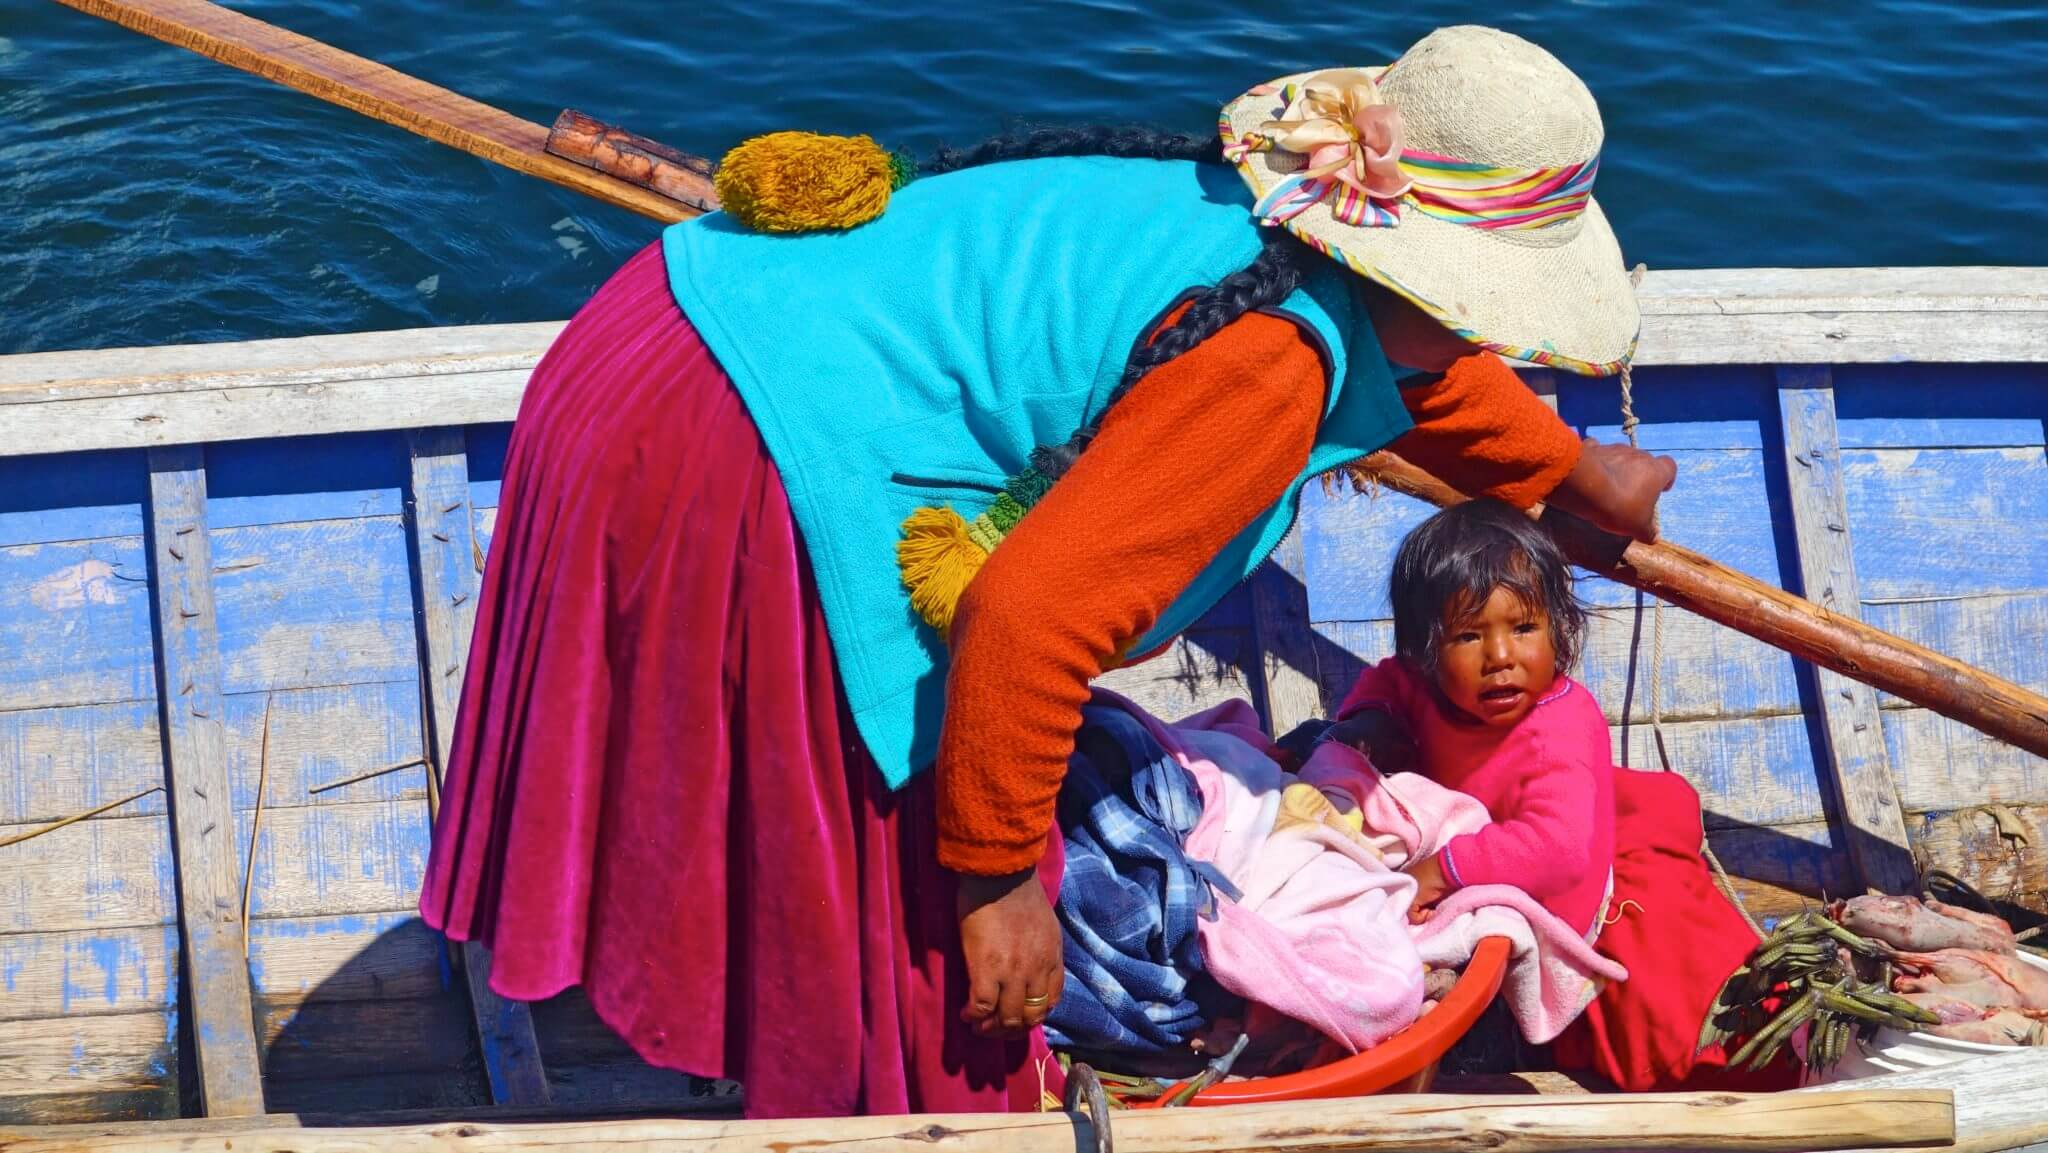 チチカカ湖(ティティカカ湖)の旅へ!原住民が住むウロス島で見たものは?!